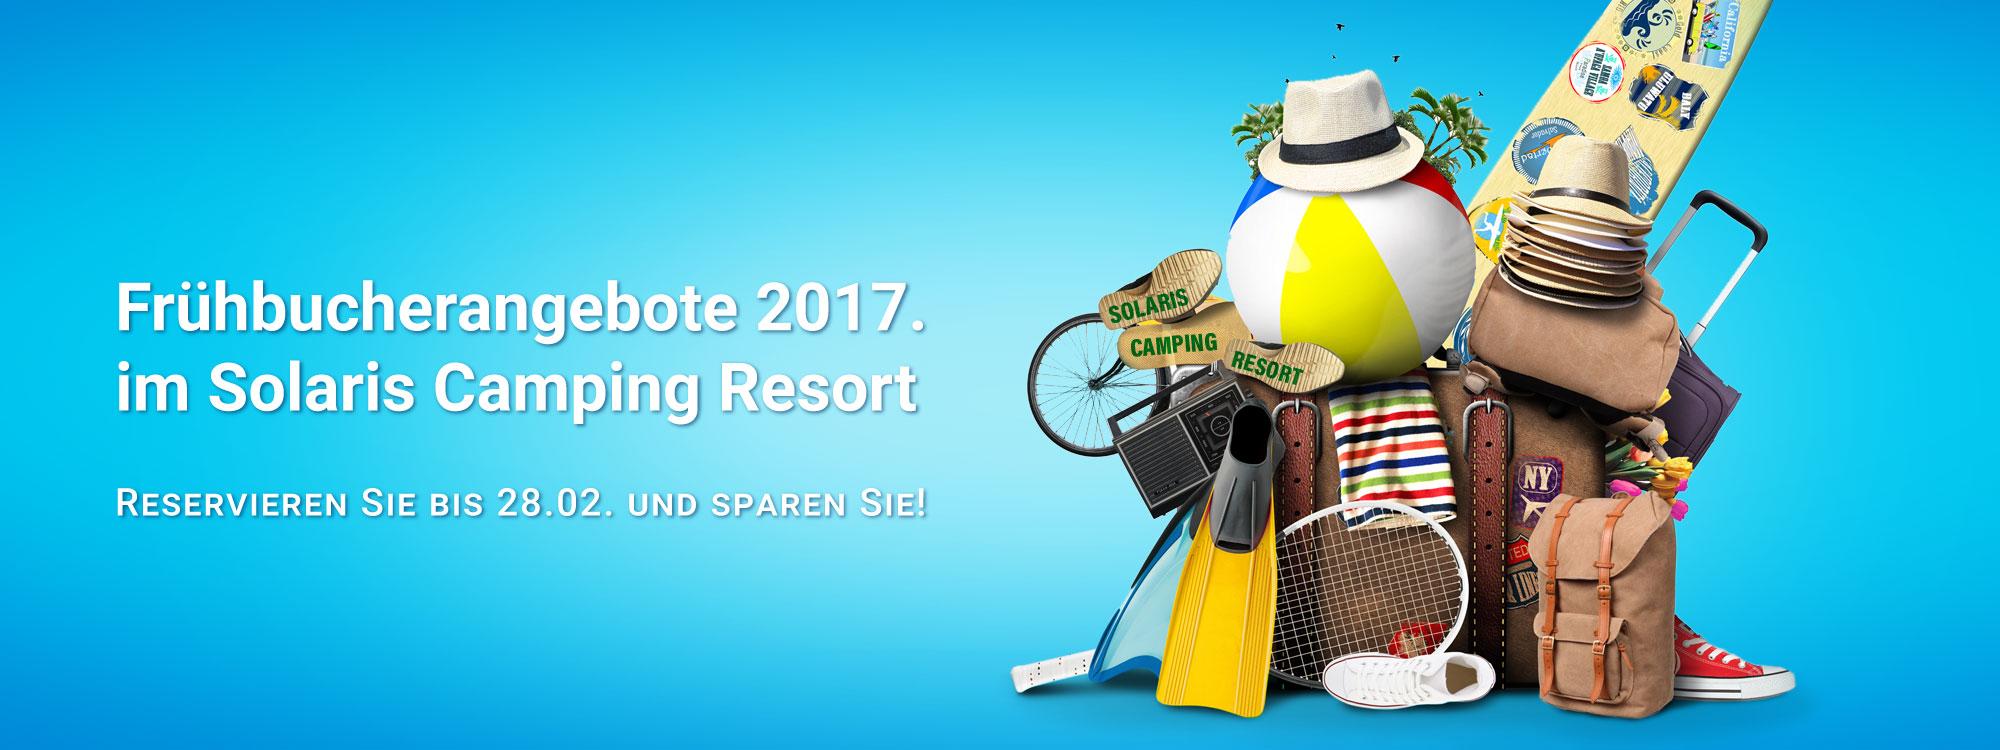 Web-slider-Rani-booking-kamp-NJEM